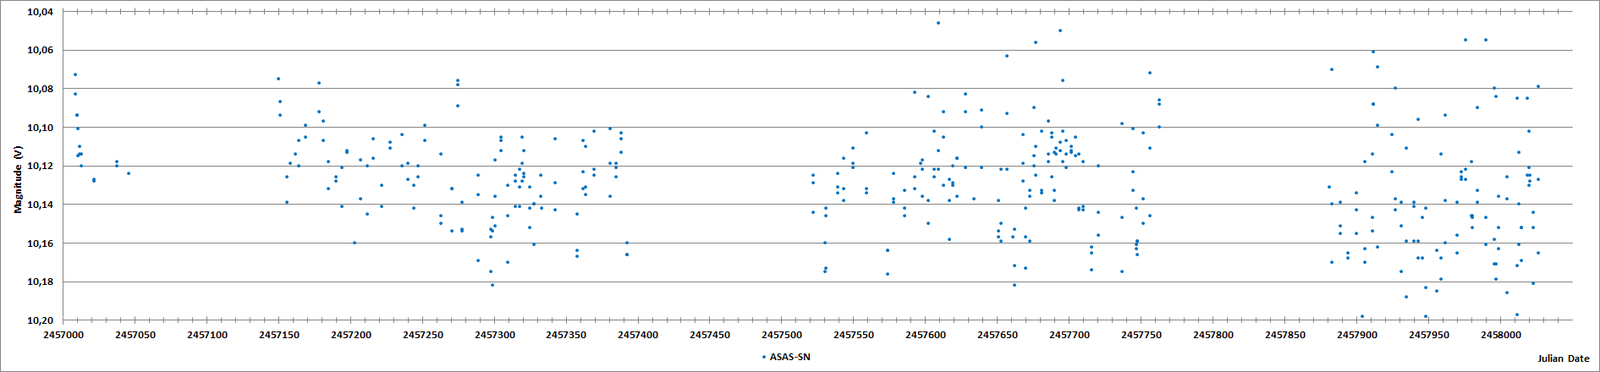 TYC 4012-839-1 JD plot (ASAS-SN).png